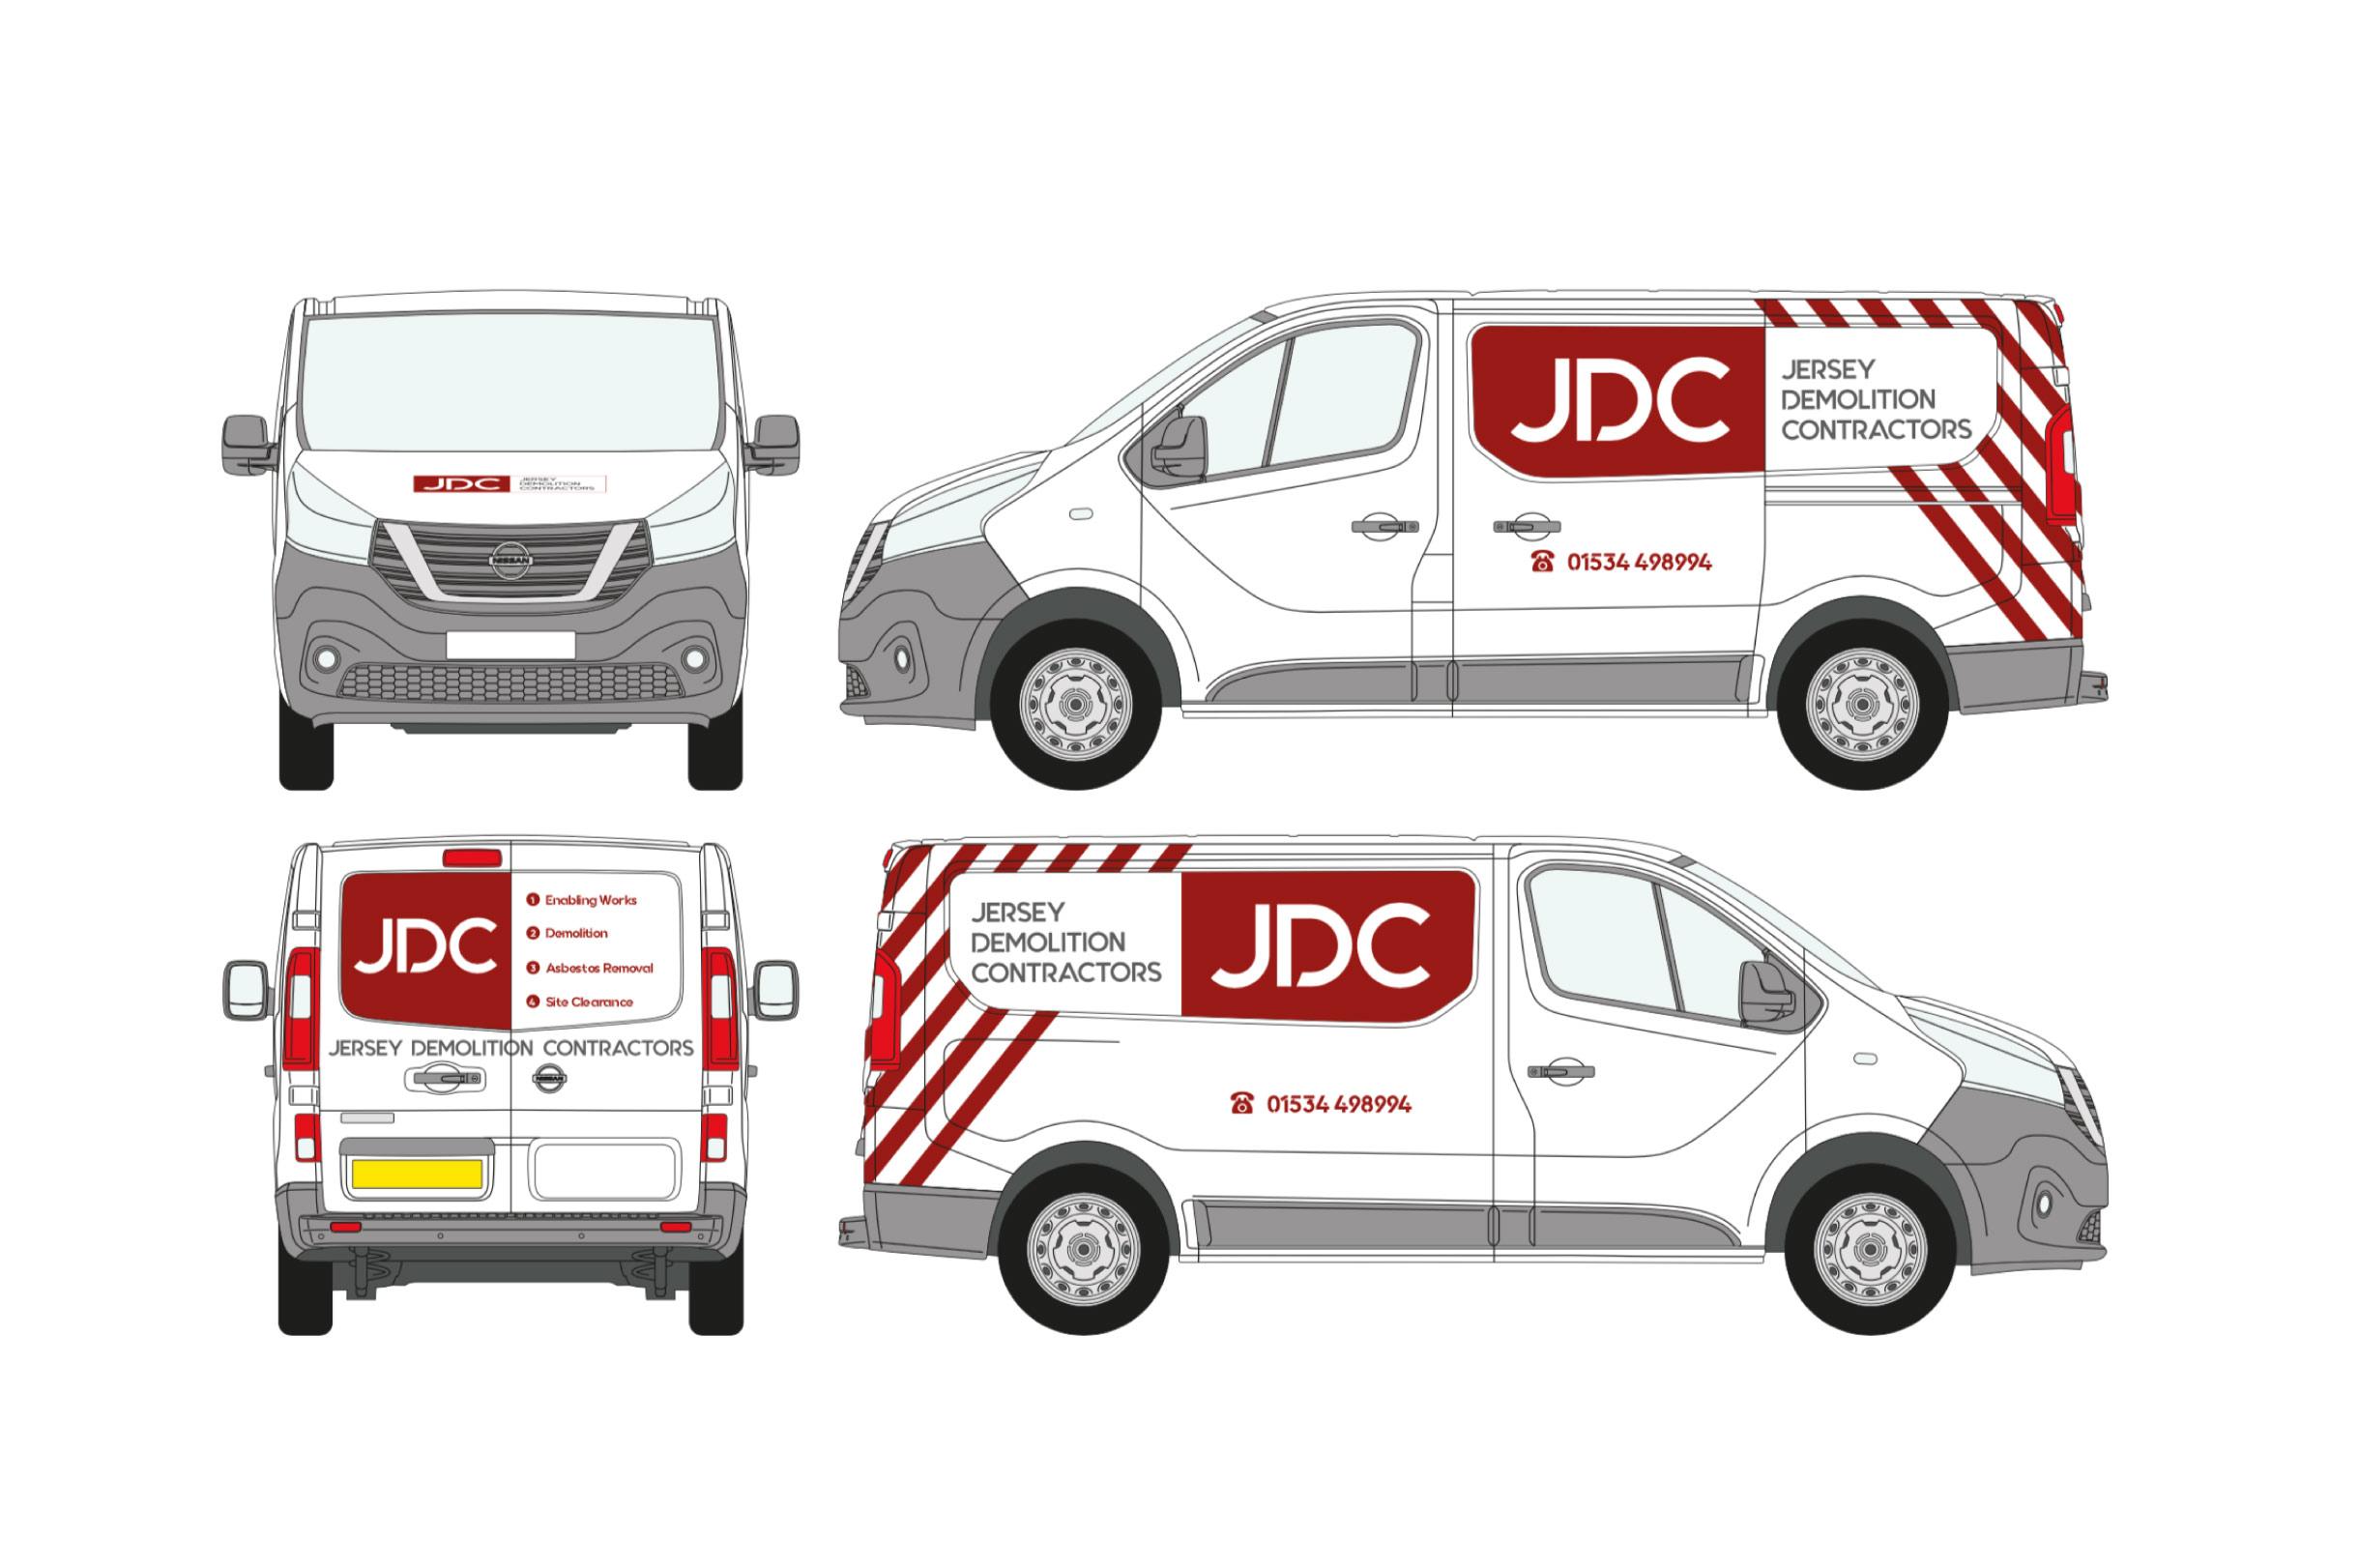 Quints Design co - Portfolio - JDC